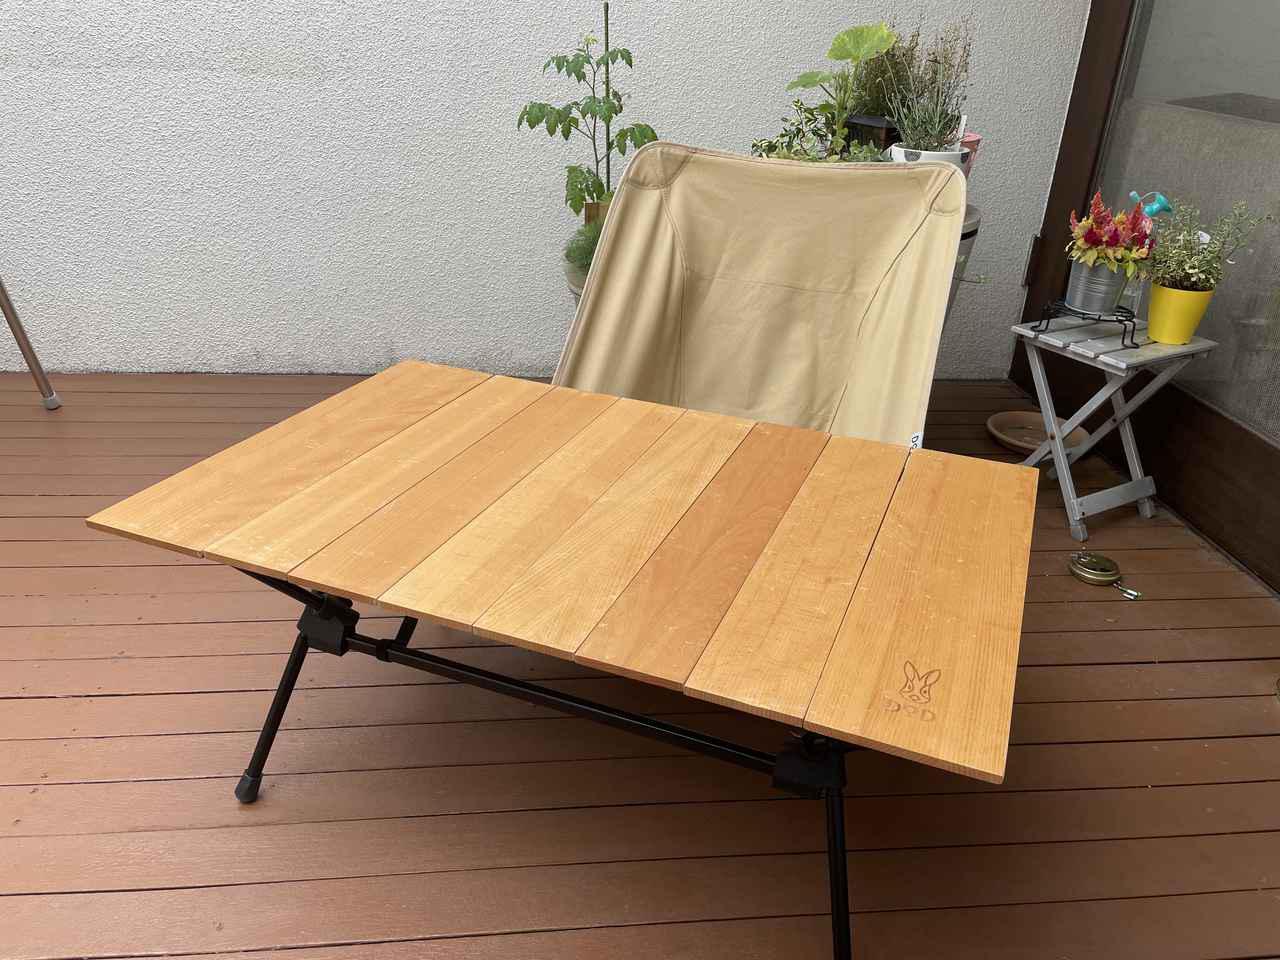 画像: DODキャナリーテーブルの「きゃなり良いところ」を徹底解説!高さが変えられるキャンプテーブルの大本命 - ハピキャン(HAPPY CAMPER)